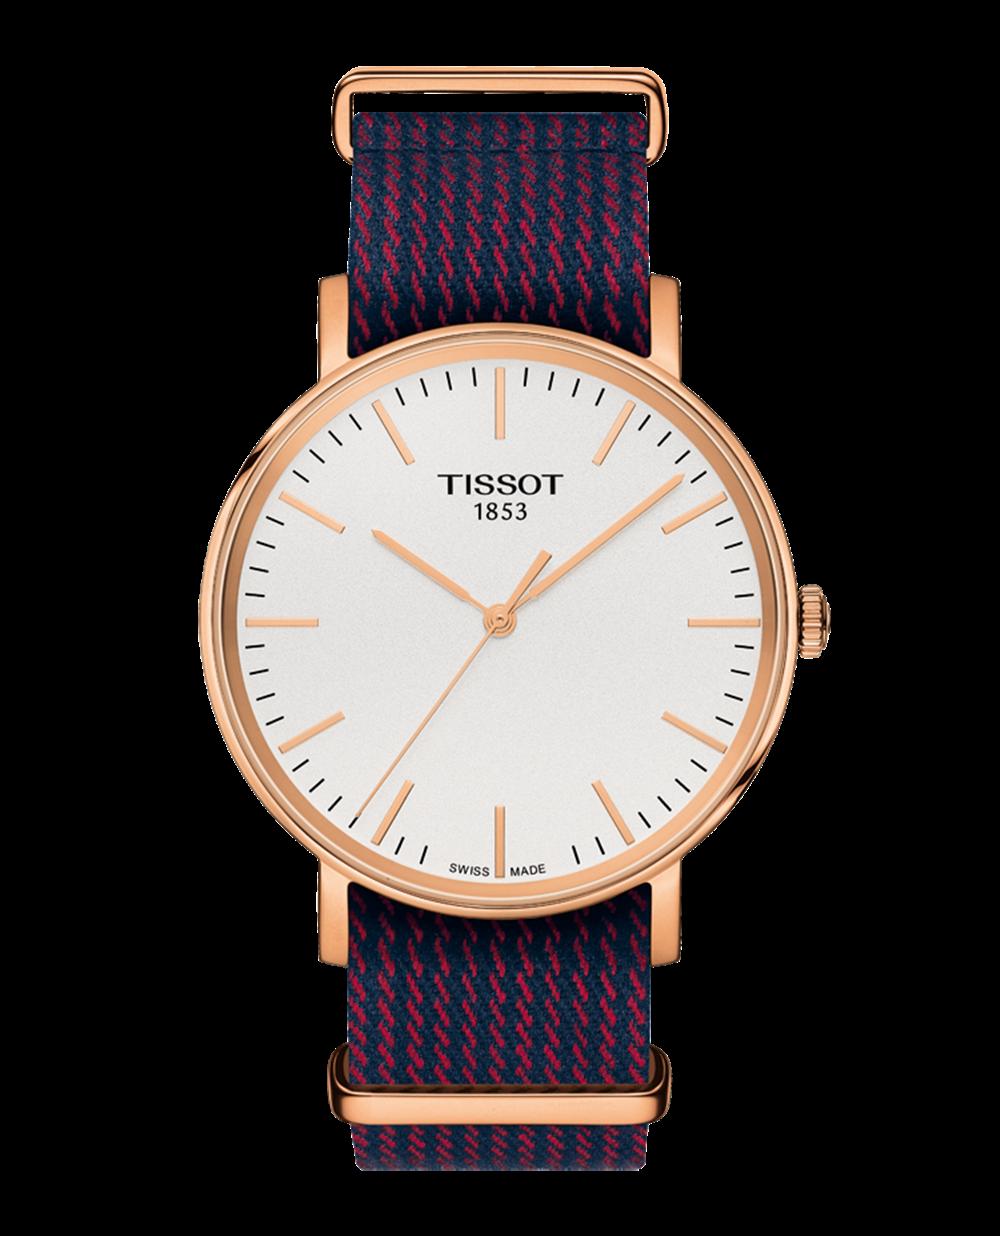 魅時系列腕錶,玫瑰金PVD精鋼錶殼,尼龍帆布錶帶,Tissot。